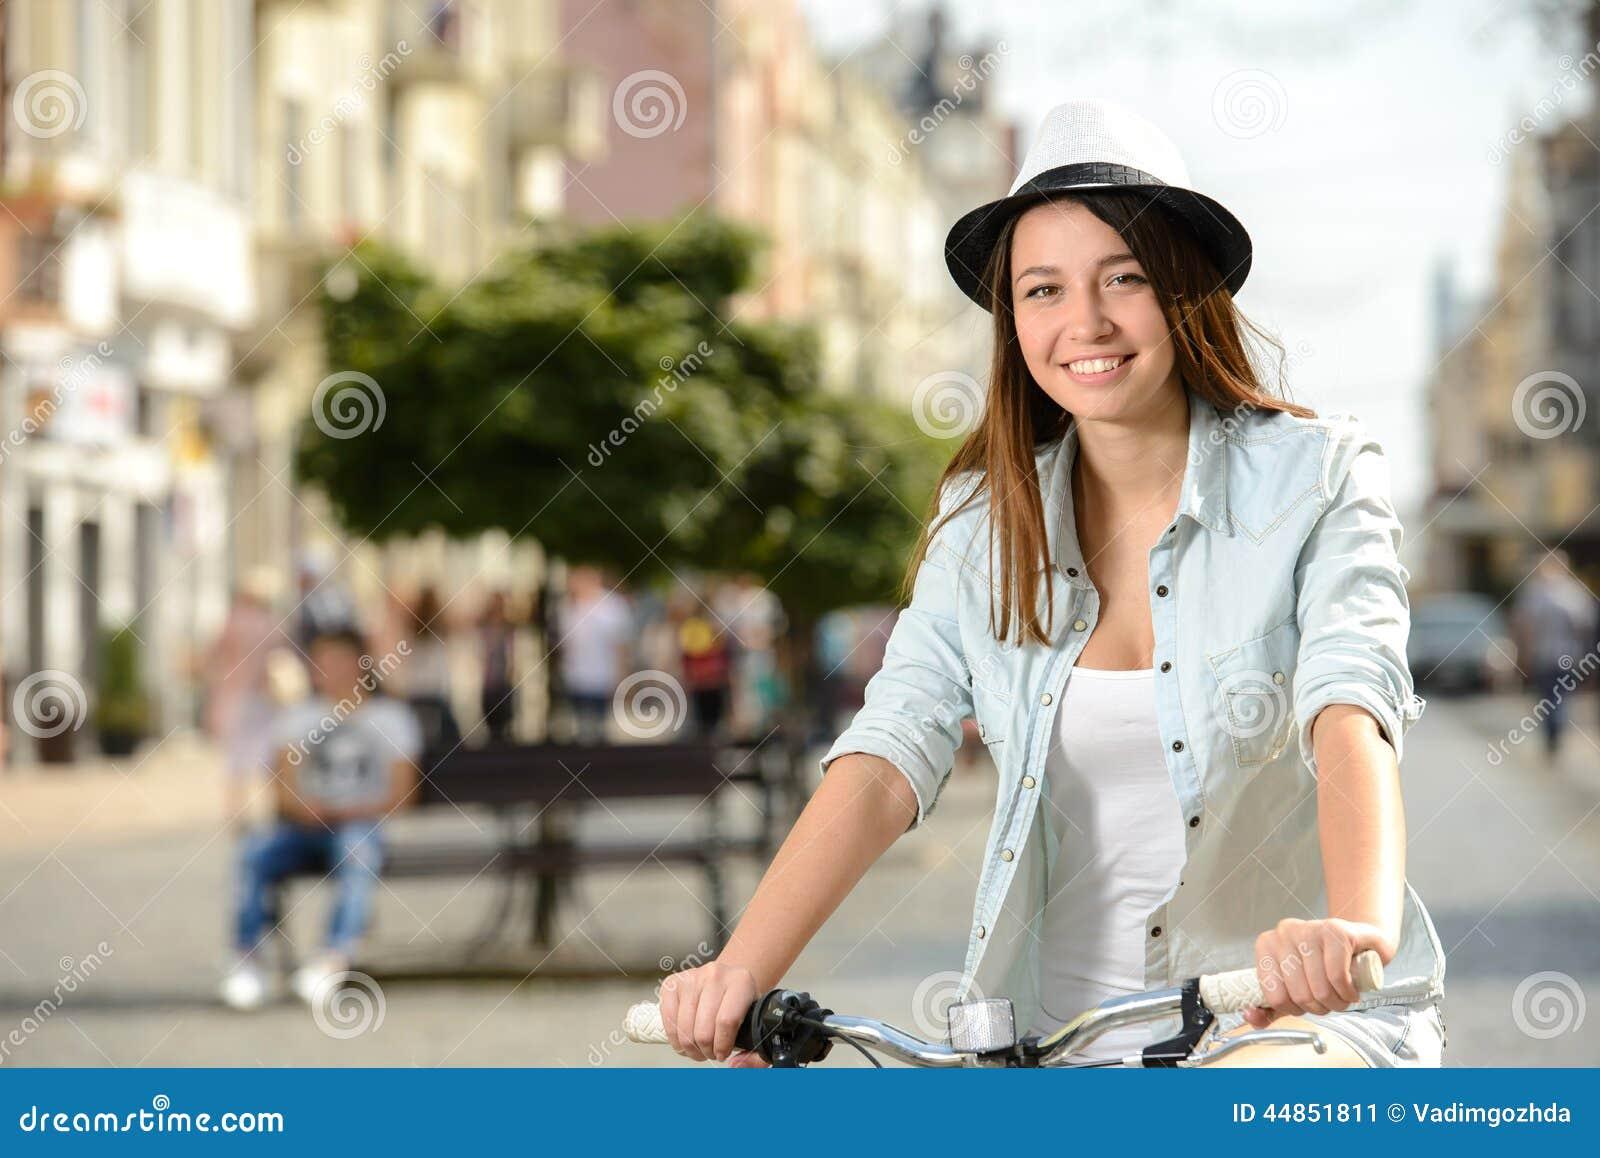 Bici de la calle